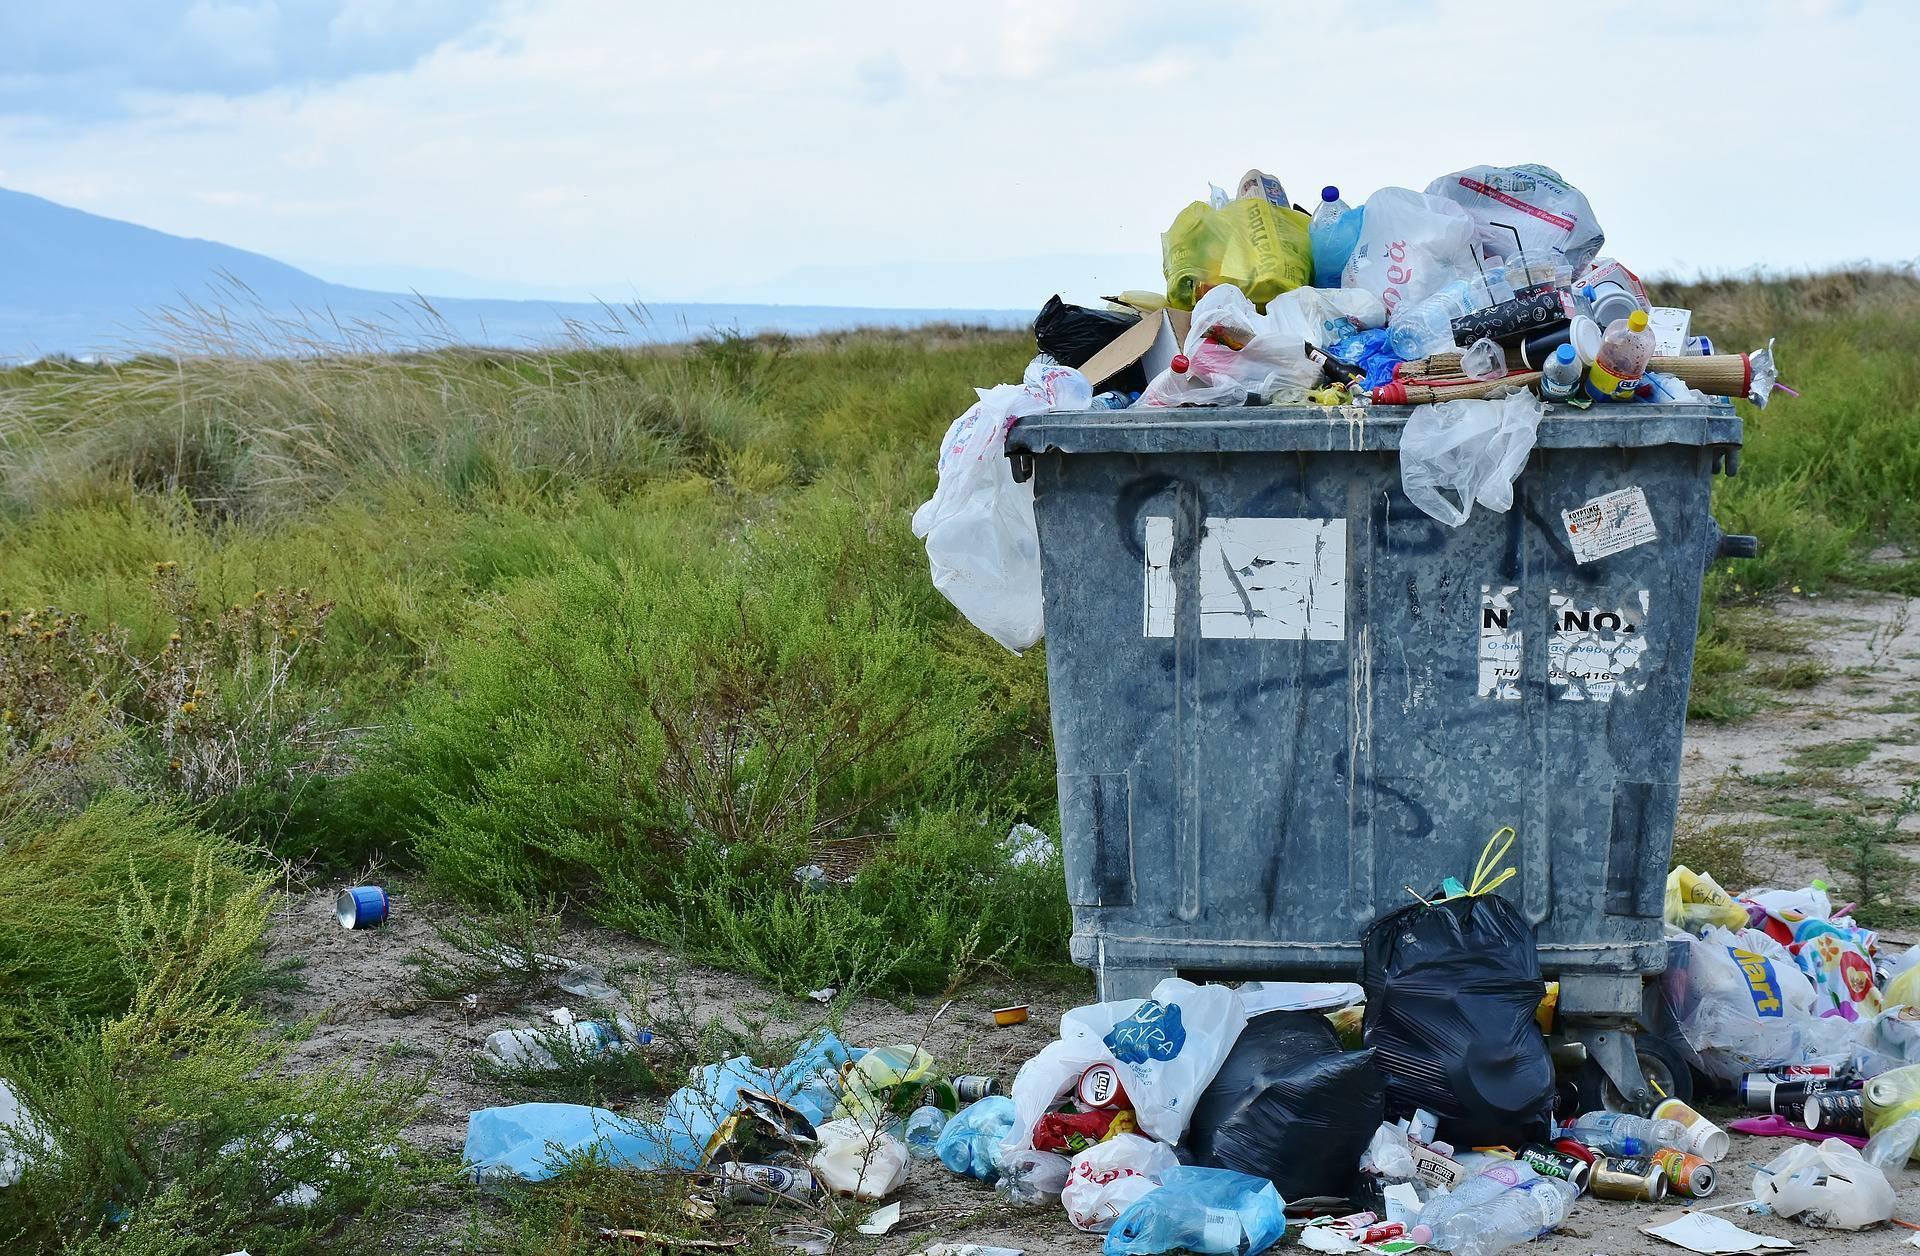 Montagne de déchets en pleine nature